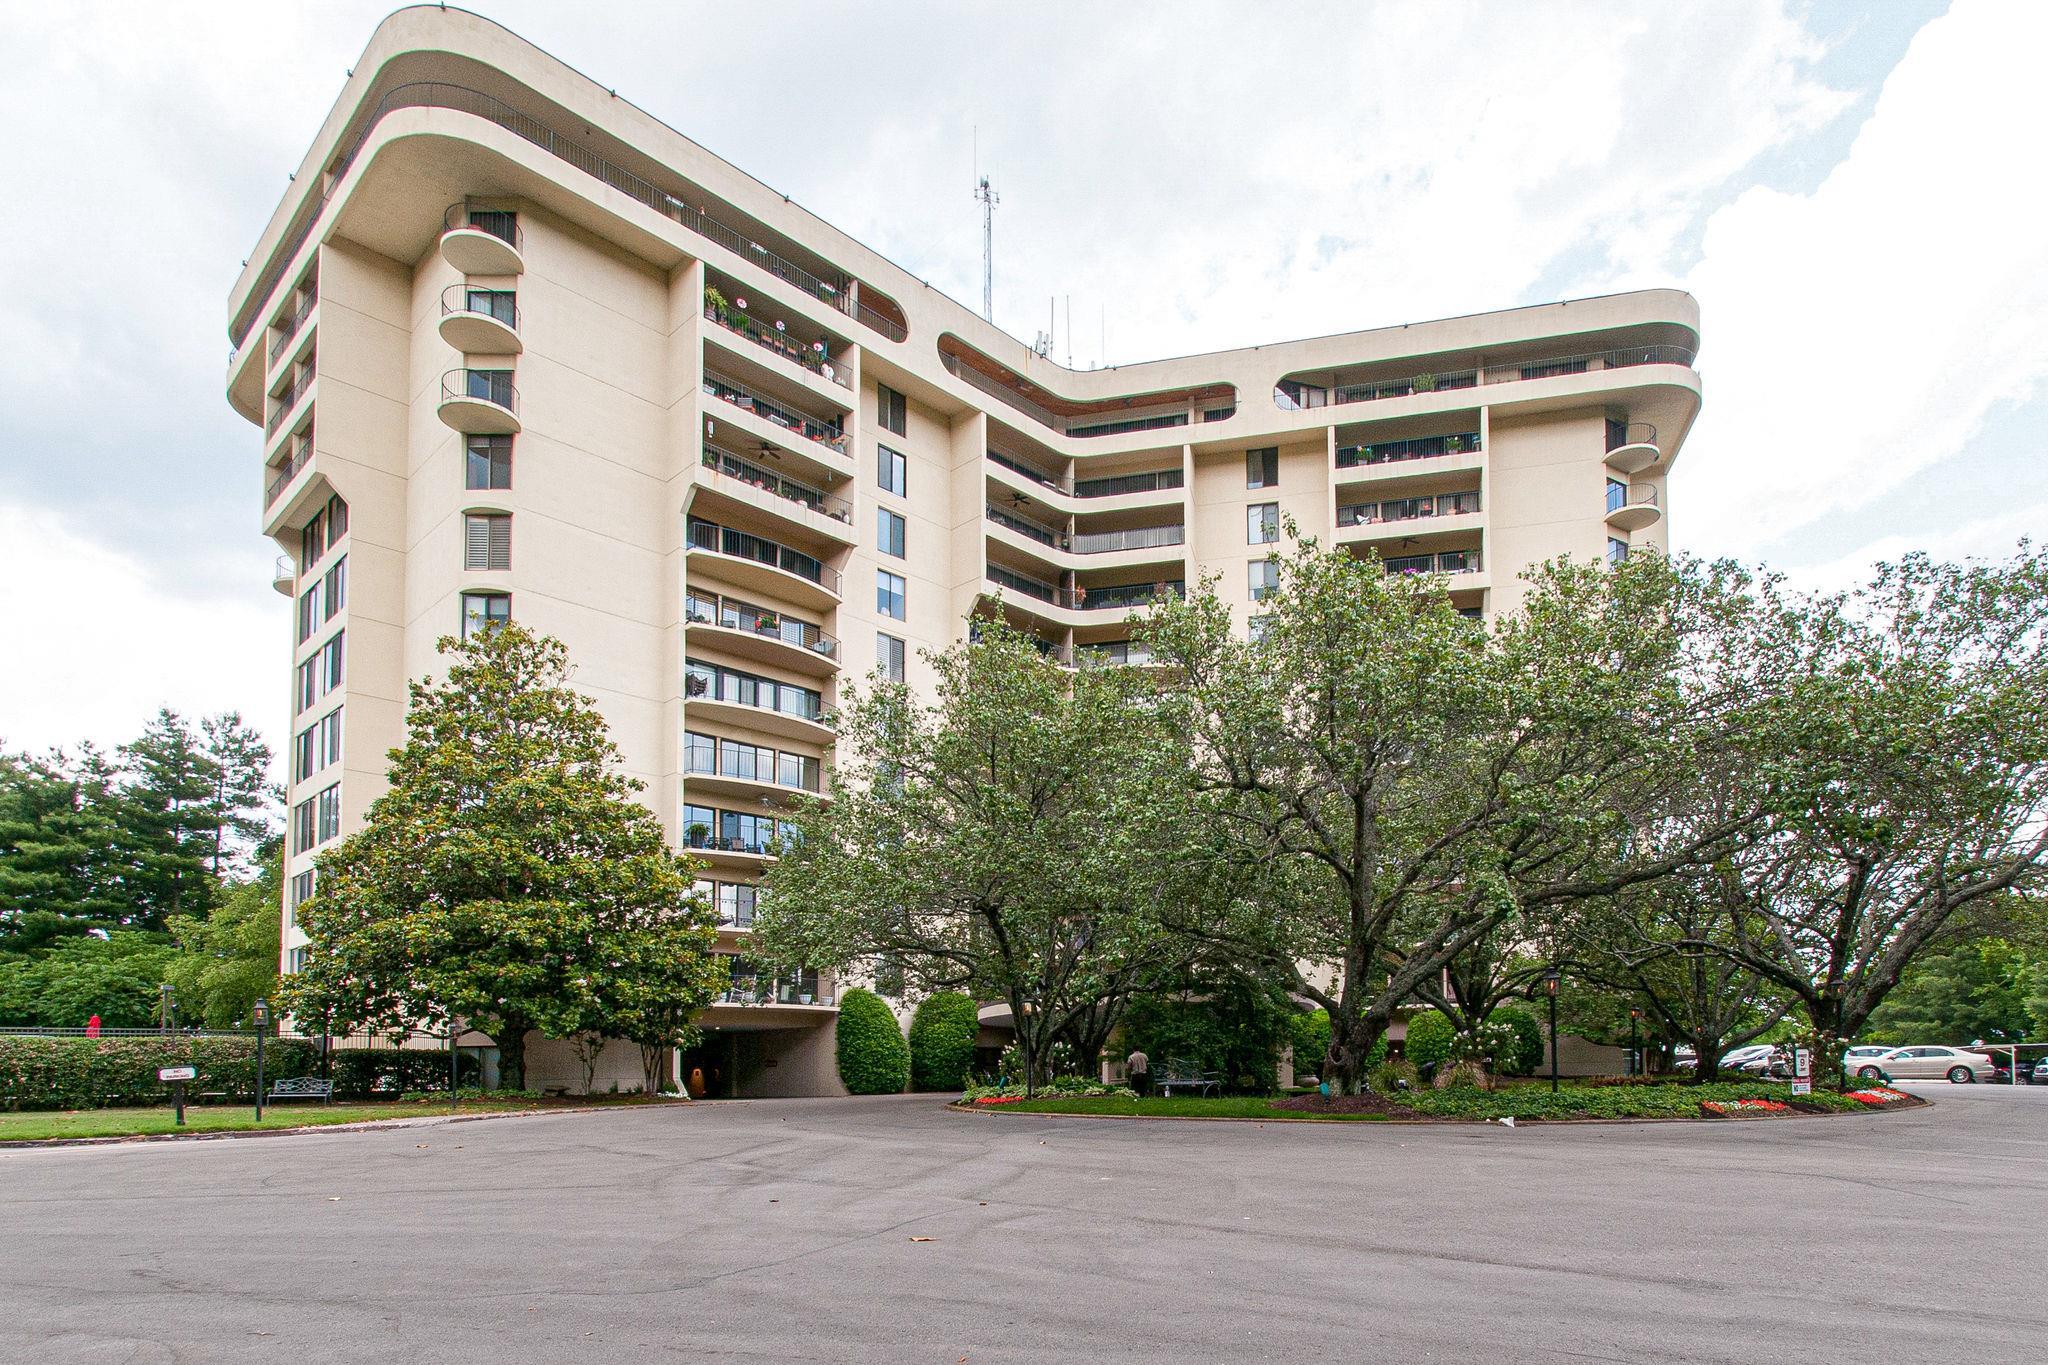 6666 Brookmont Ter Apt 306, Nashville, TN 37205 - Nashville, TN real estate listing